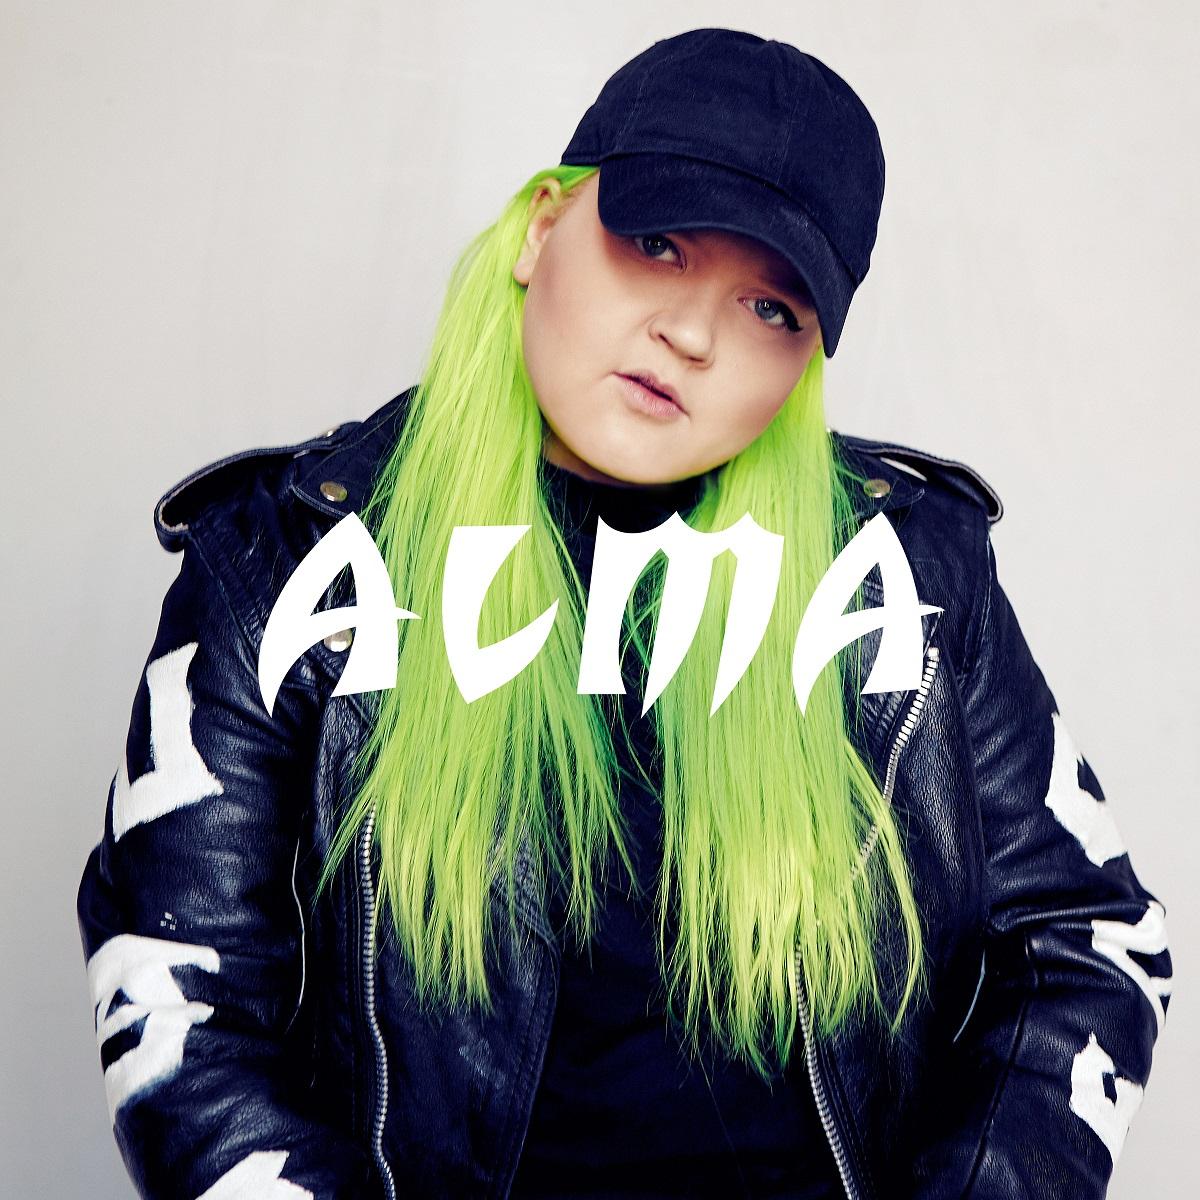 alma_dmh_cover